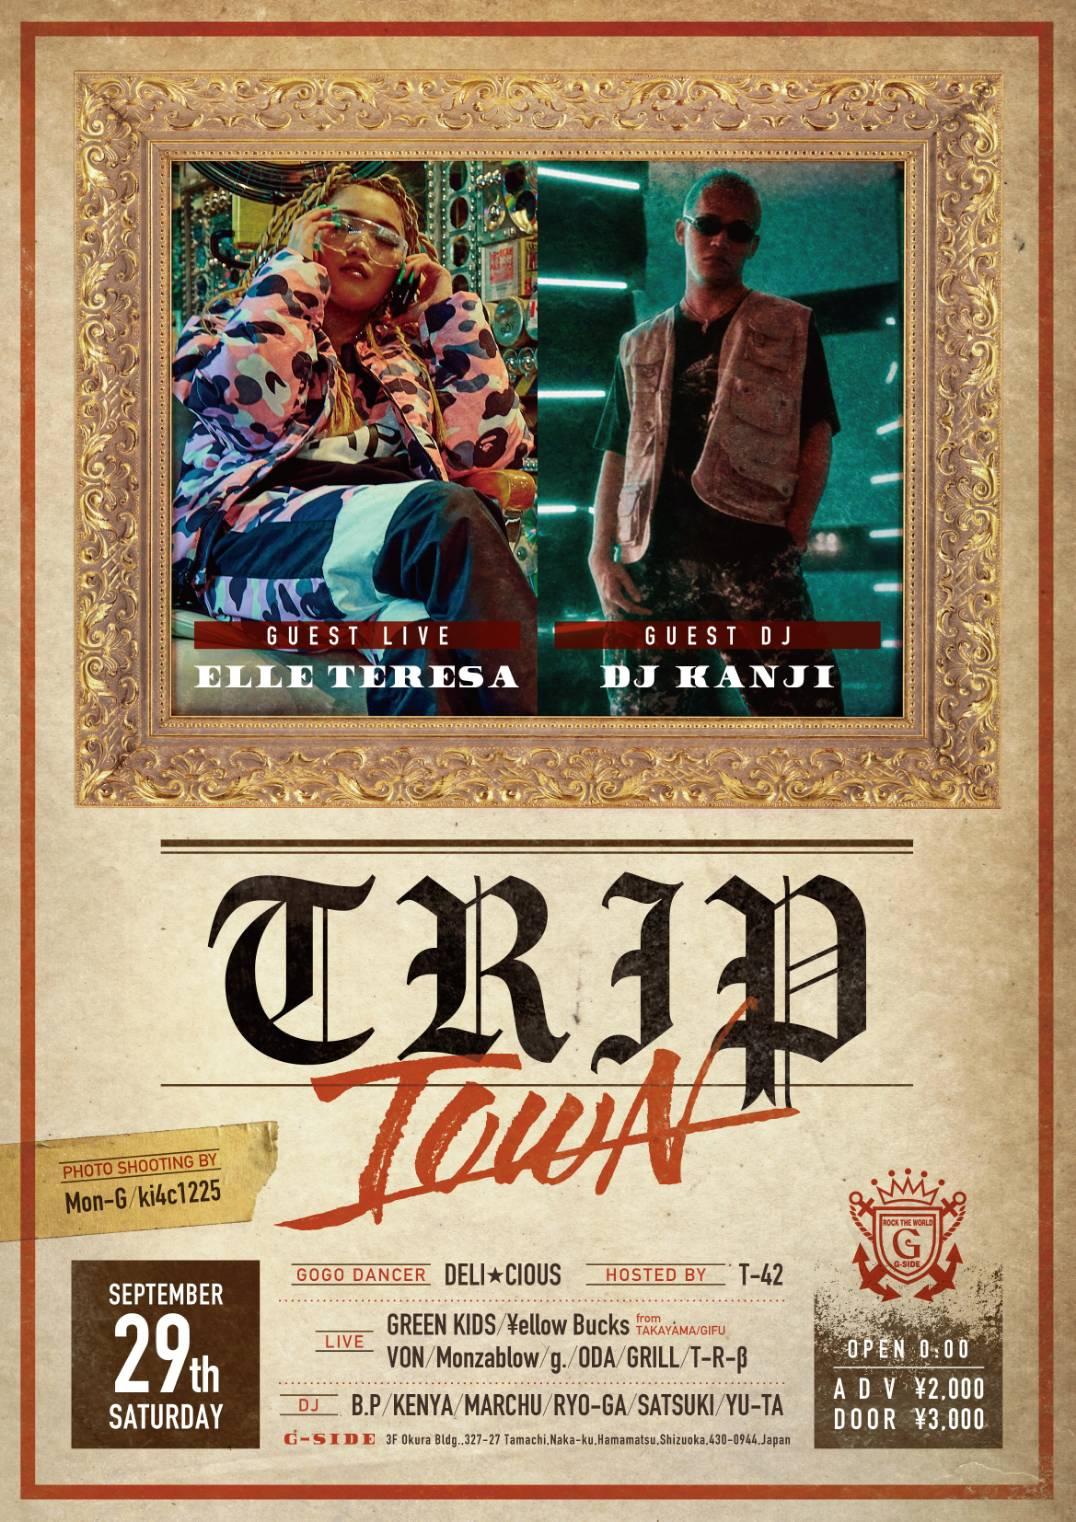 9月29日土曜日 TRIP TOWN